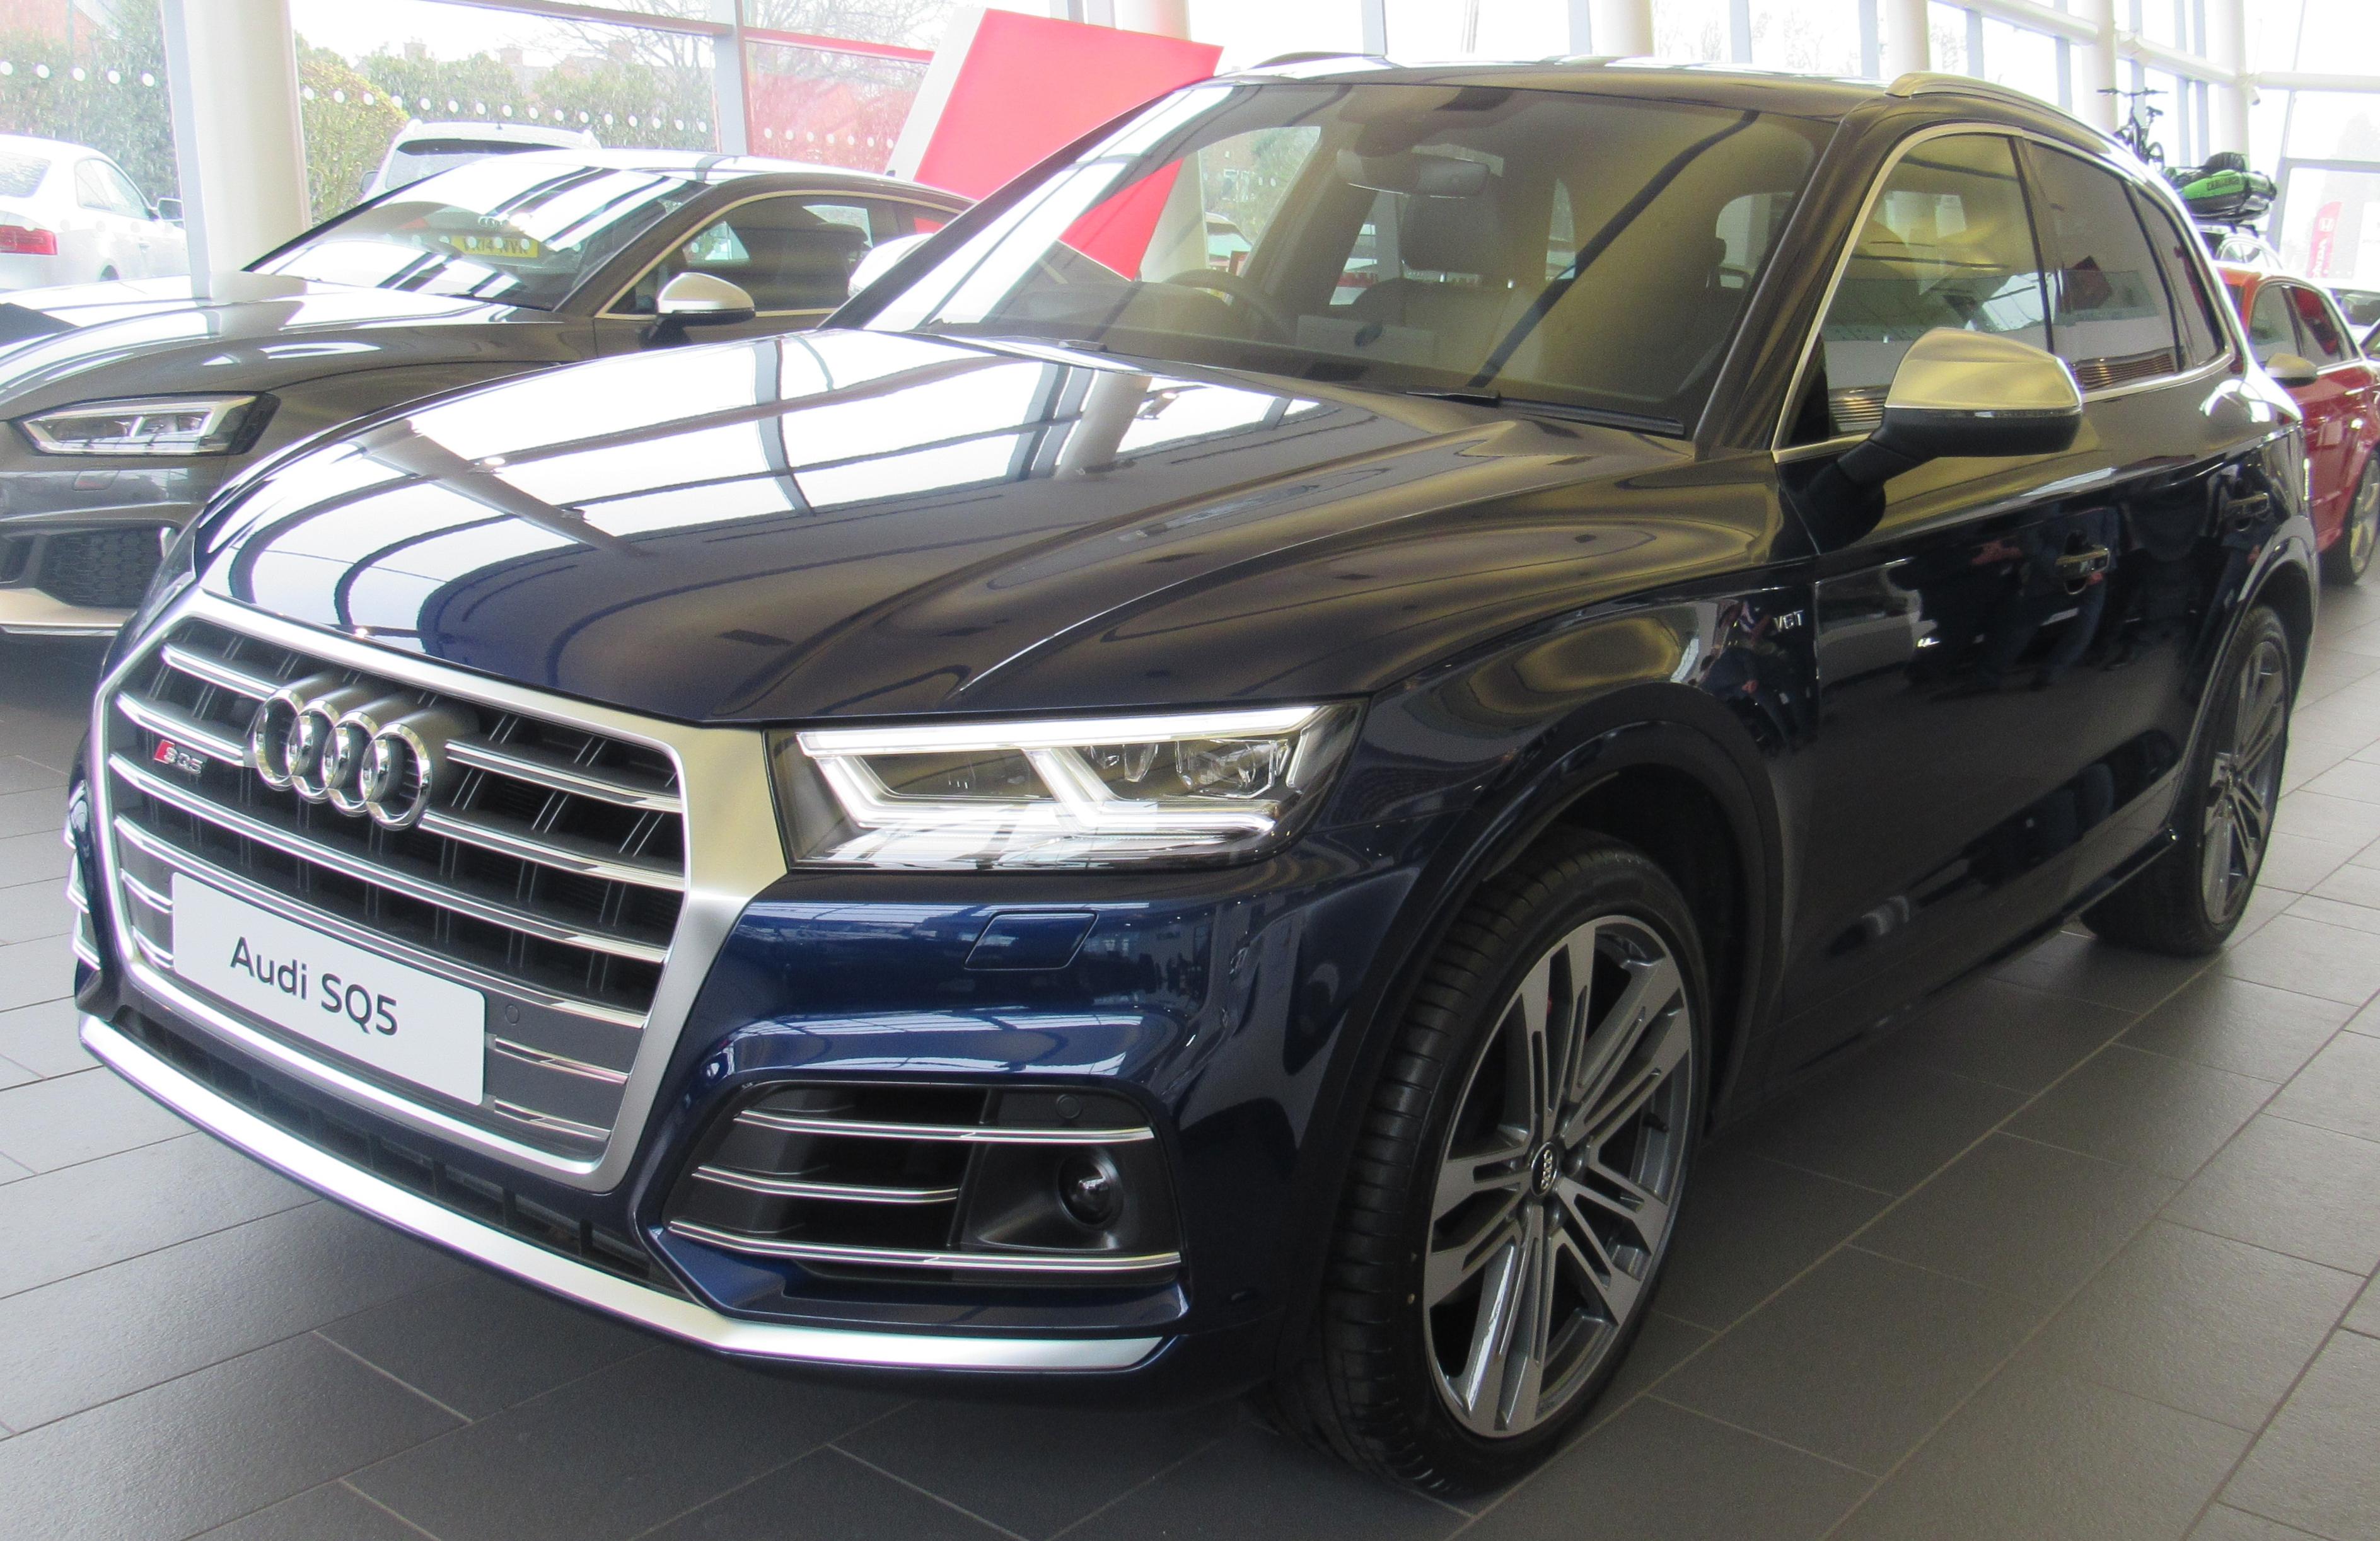 Kekurangan Audi Sq5 2017 Top Model Tahun Ini